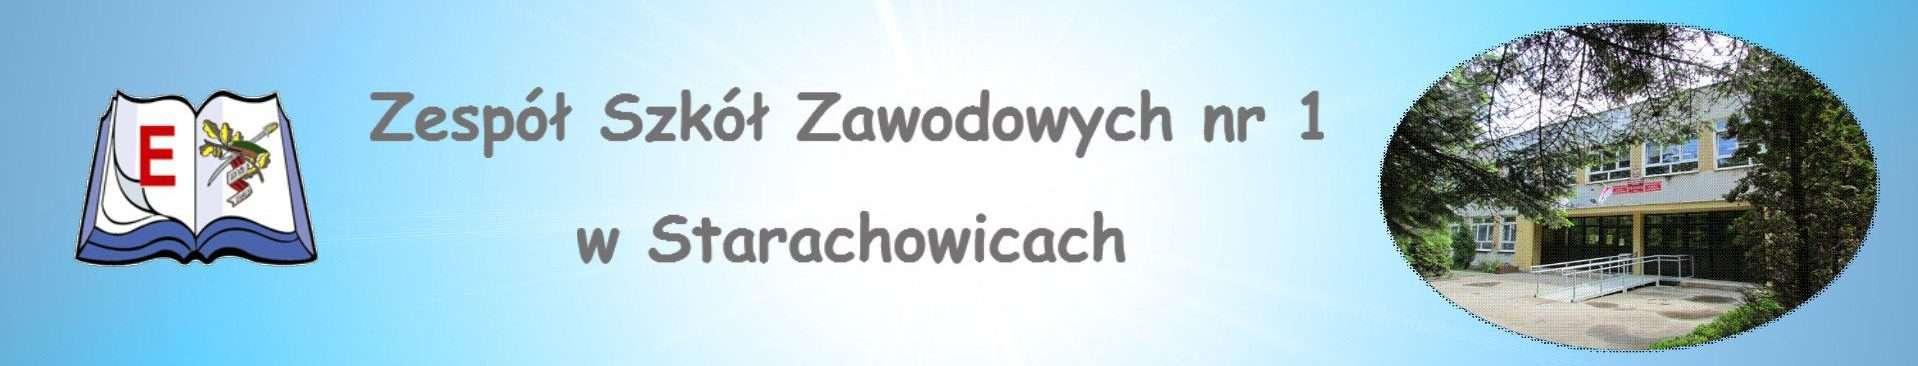 Zespół Szkół Zawodowych nr 1 w Starachowicach